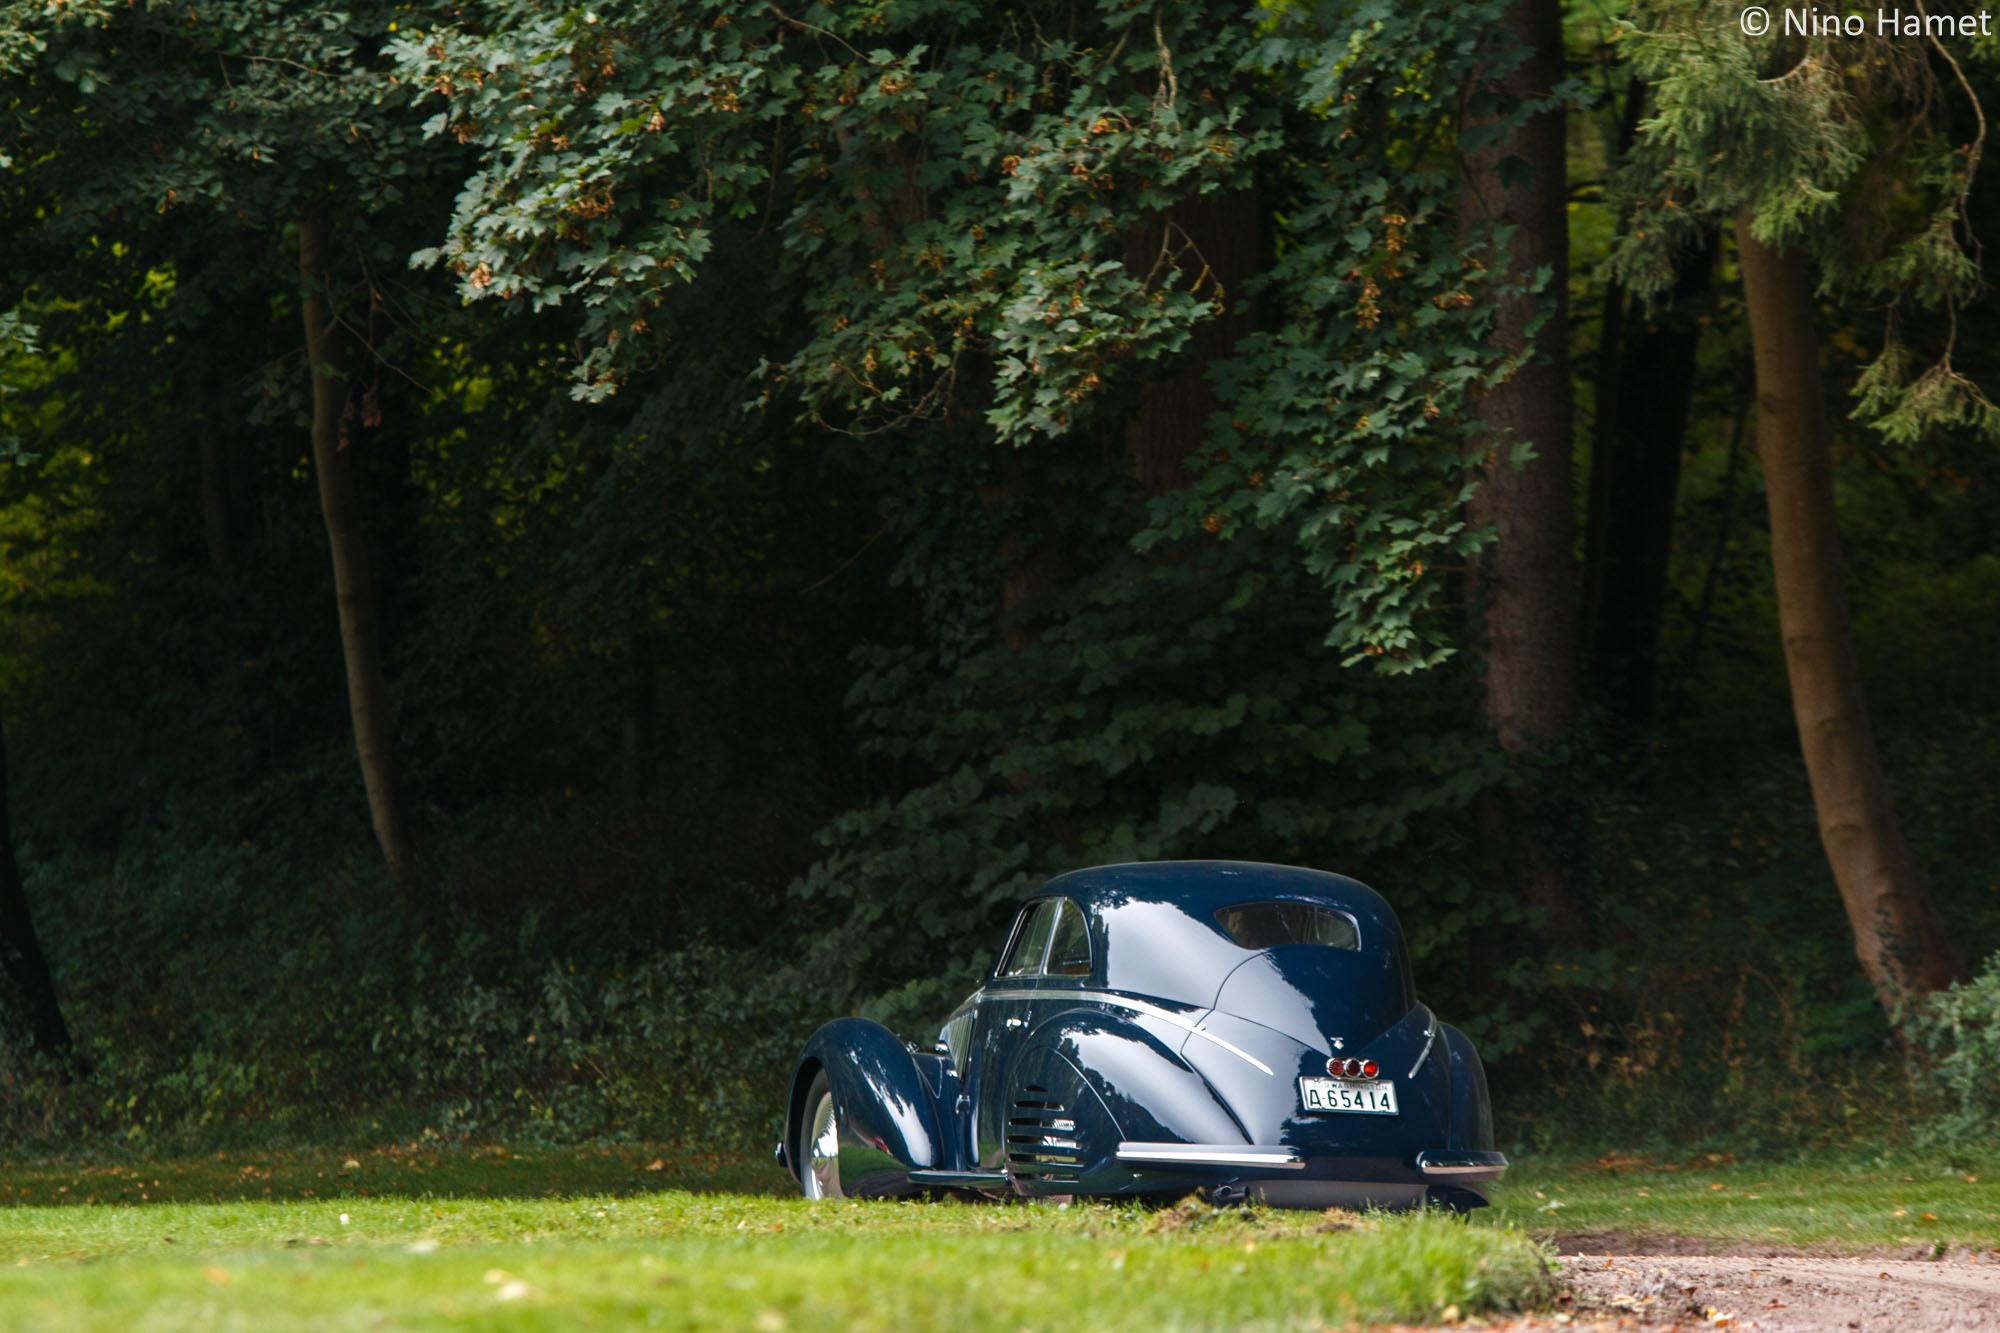 Les prémices de l'aérodynamisme d'avant-guerre - Voitures fermées, premier prix : Alfa Romeo 8C 2900B Lungo Berlinetta 1938 (M. John Shirley)